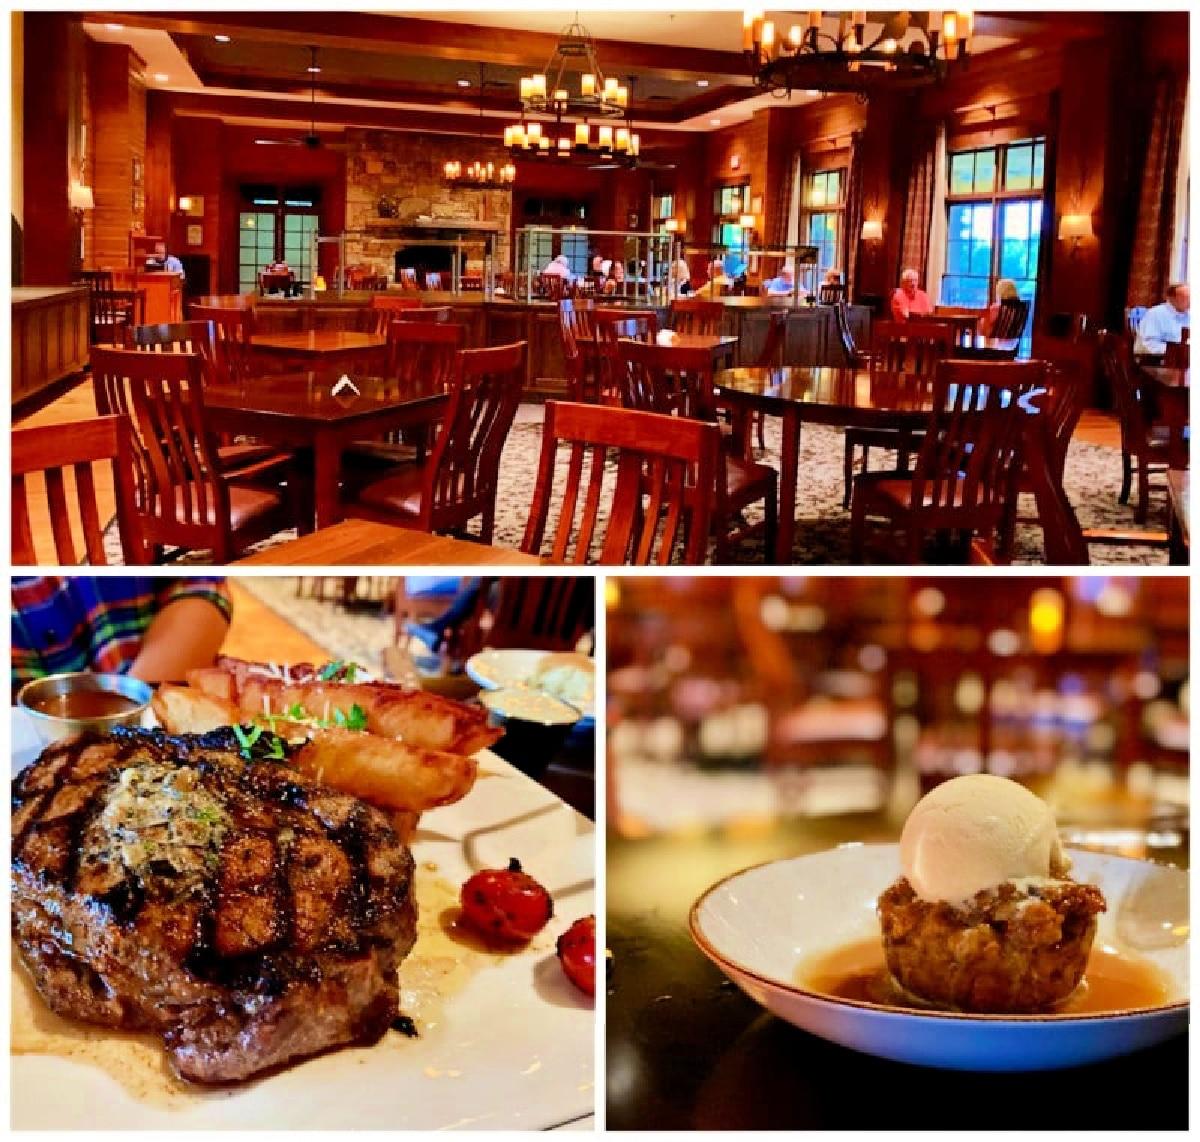 dinner at the dining room Brasstown Valley Resort